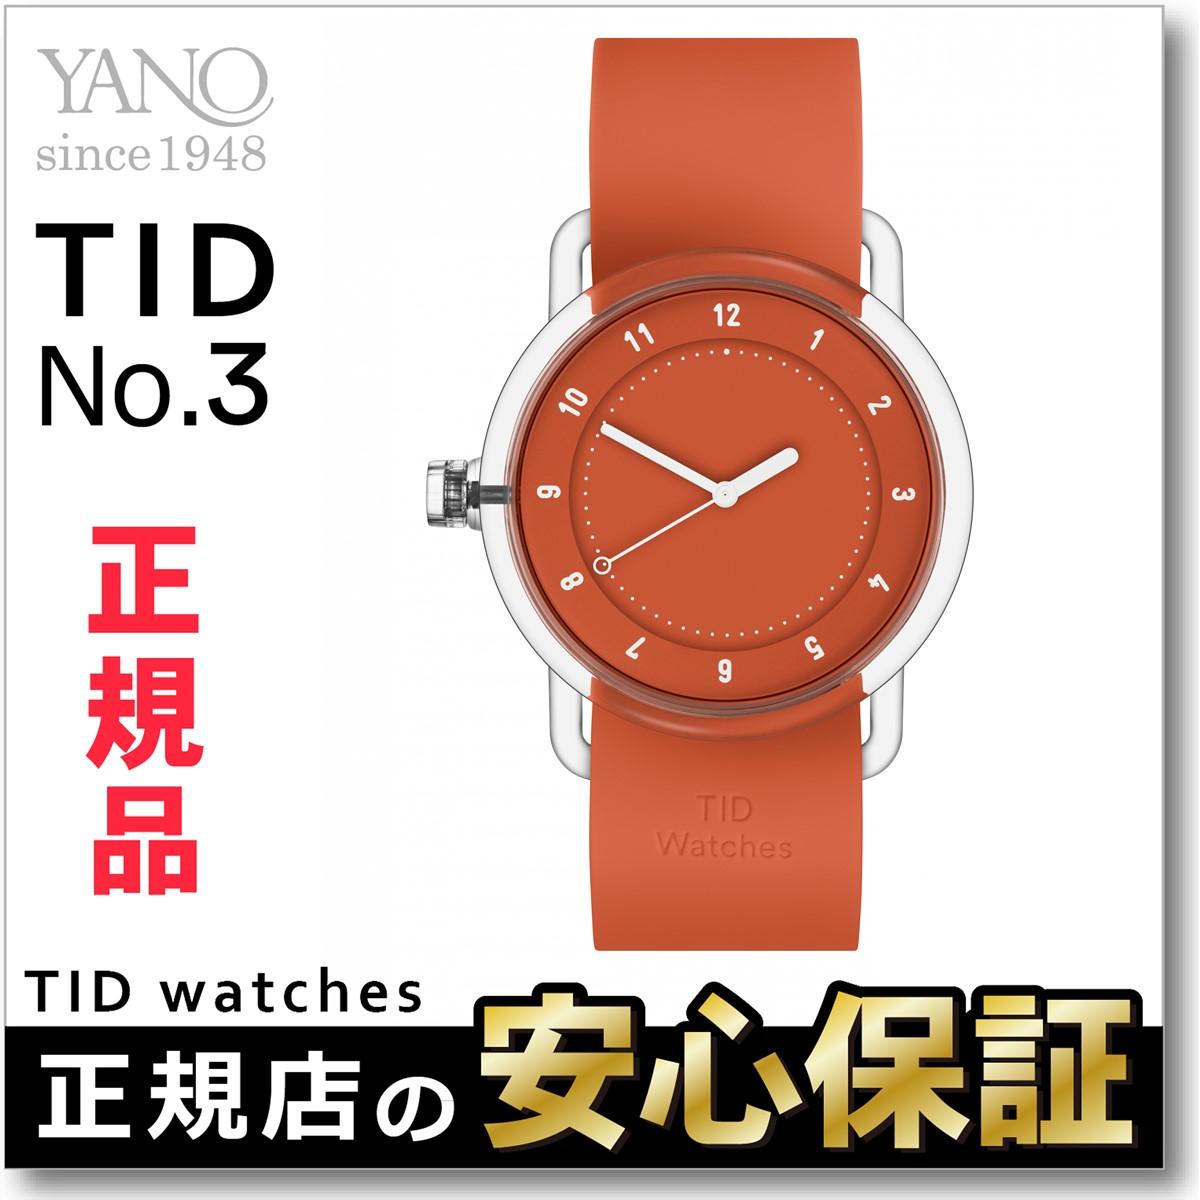 【正規品】 ティッド ウォッチズ No.3 コレクション TID Watches 腕時計 メンズ/レディース TID03 オレンジ シリコンベルト 38mm ティッド ウォッチ 北欧 腕時計 _10spl【店頭受取対応商品】